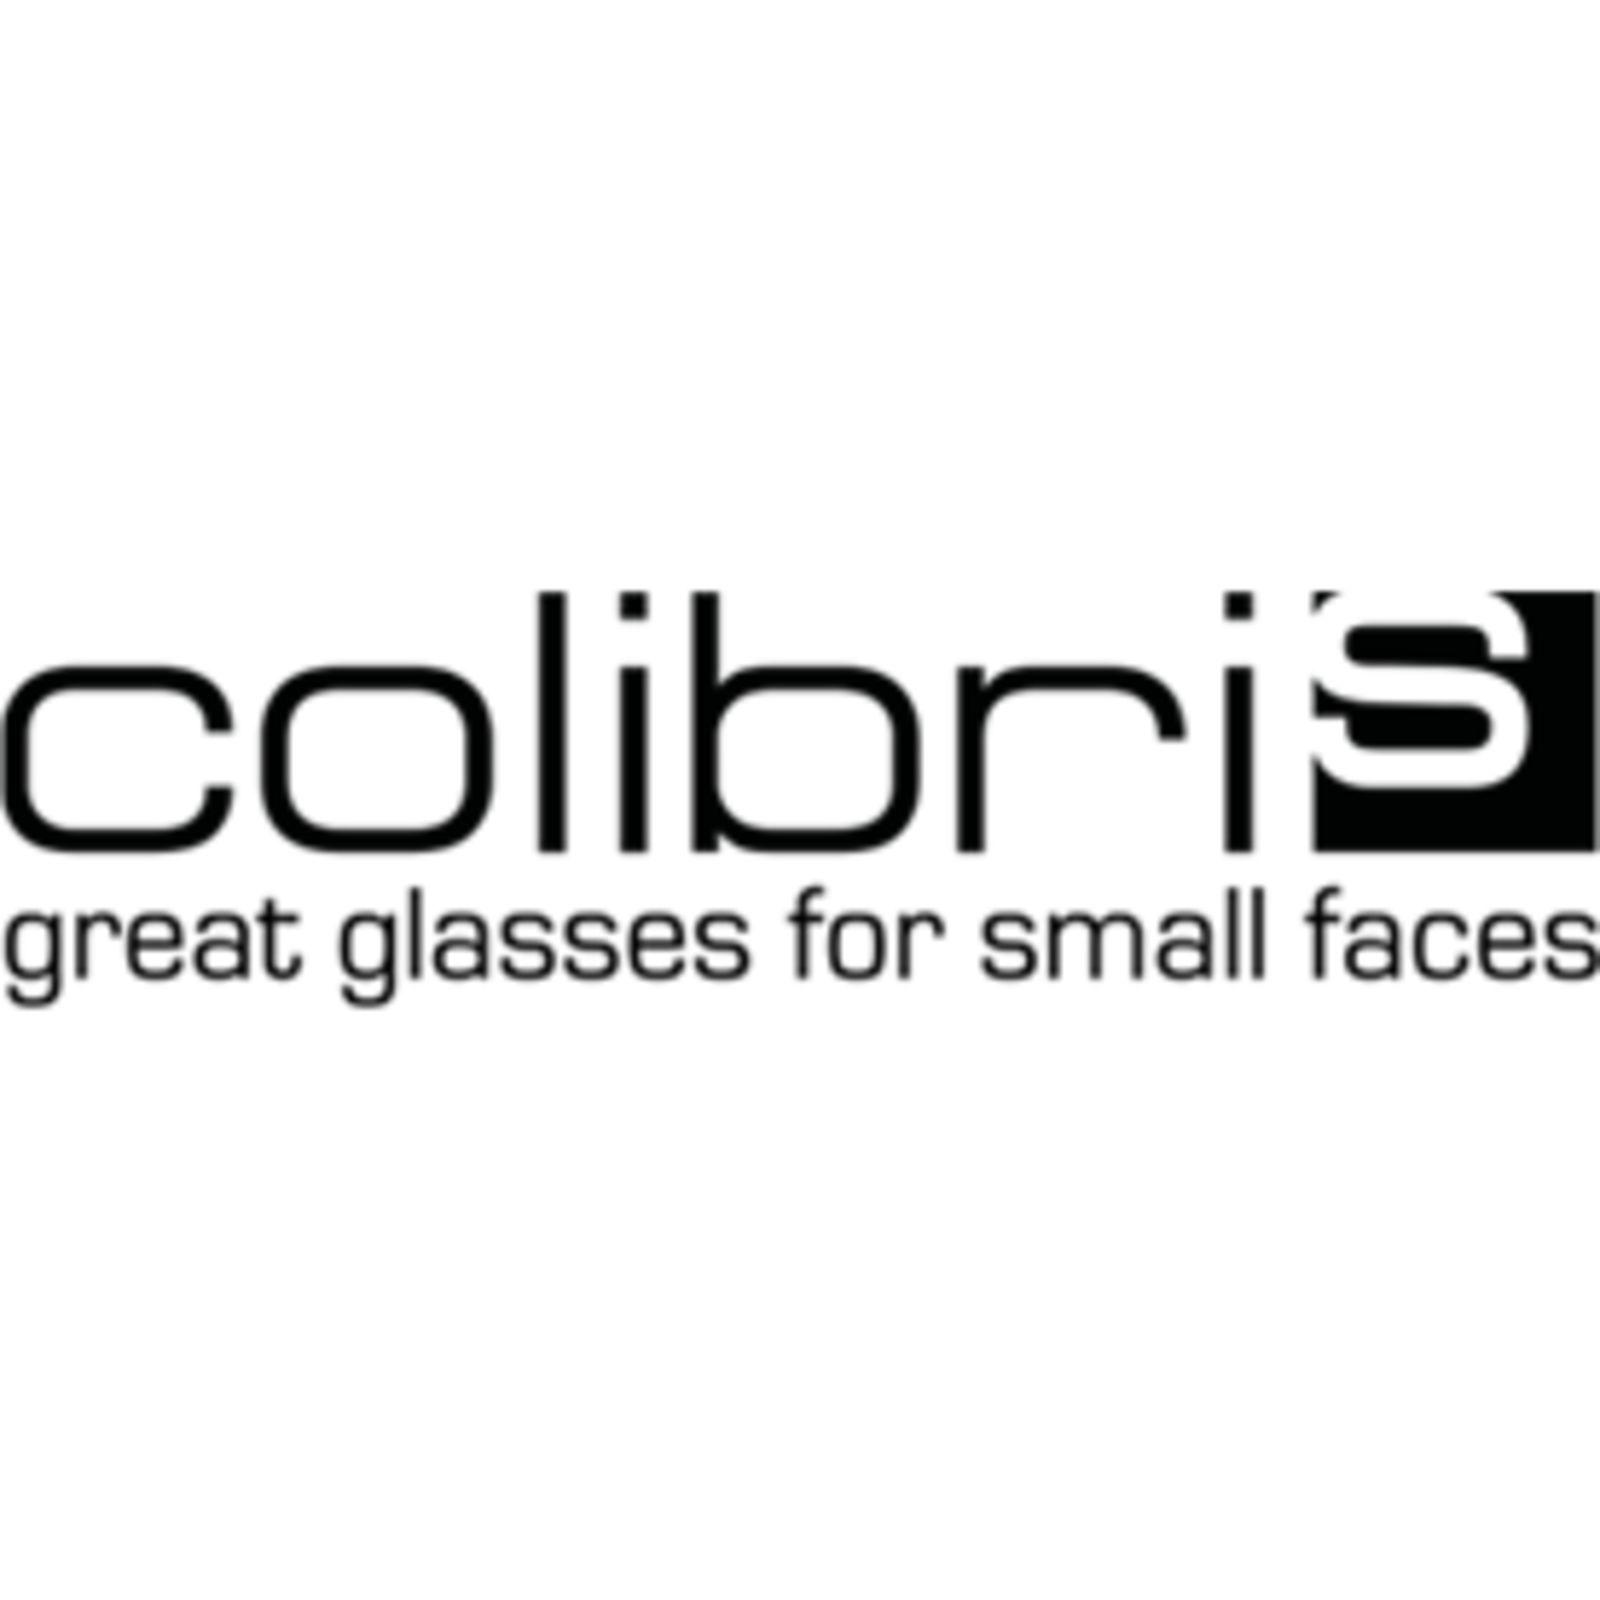 Colibri's